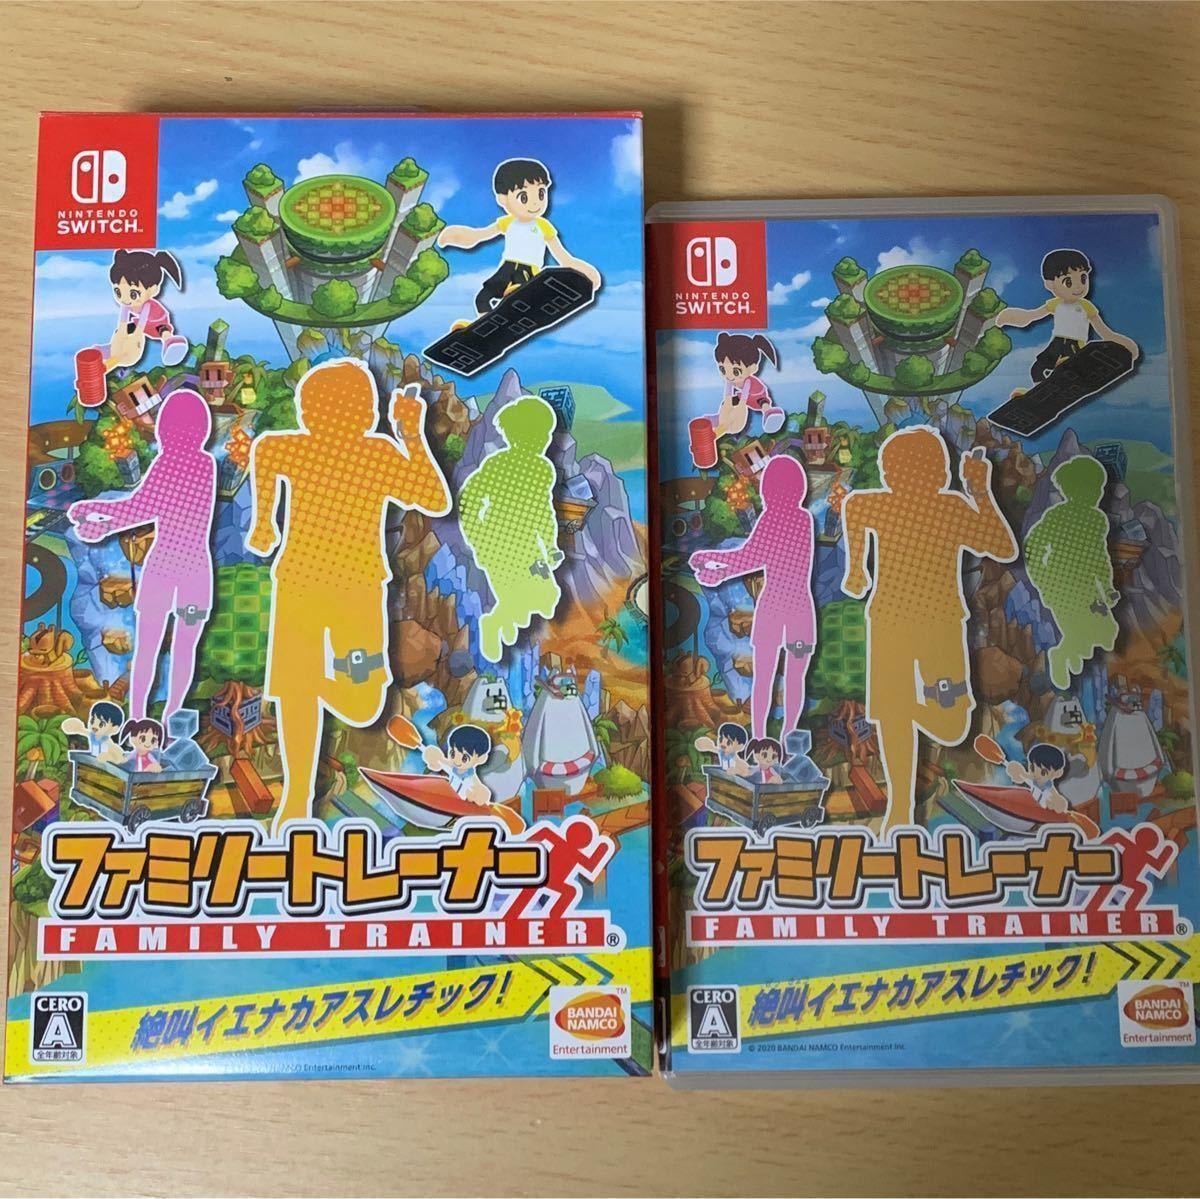 【Switch】 ファミリートレーナー ニンテンドースイッチ 任天堂Switch ゲーム ソフト